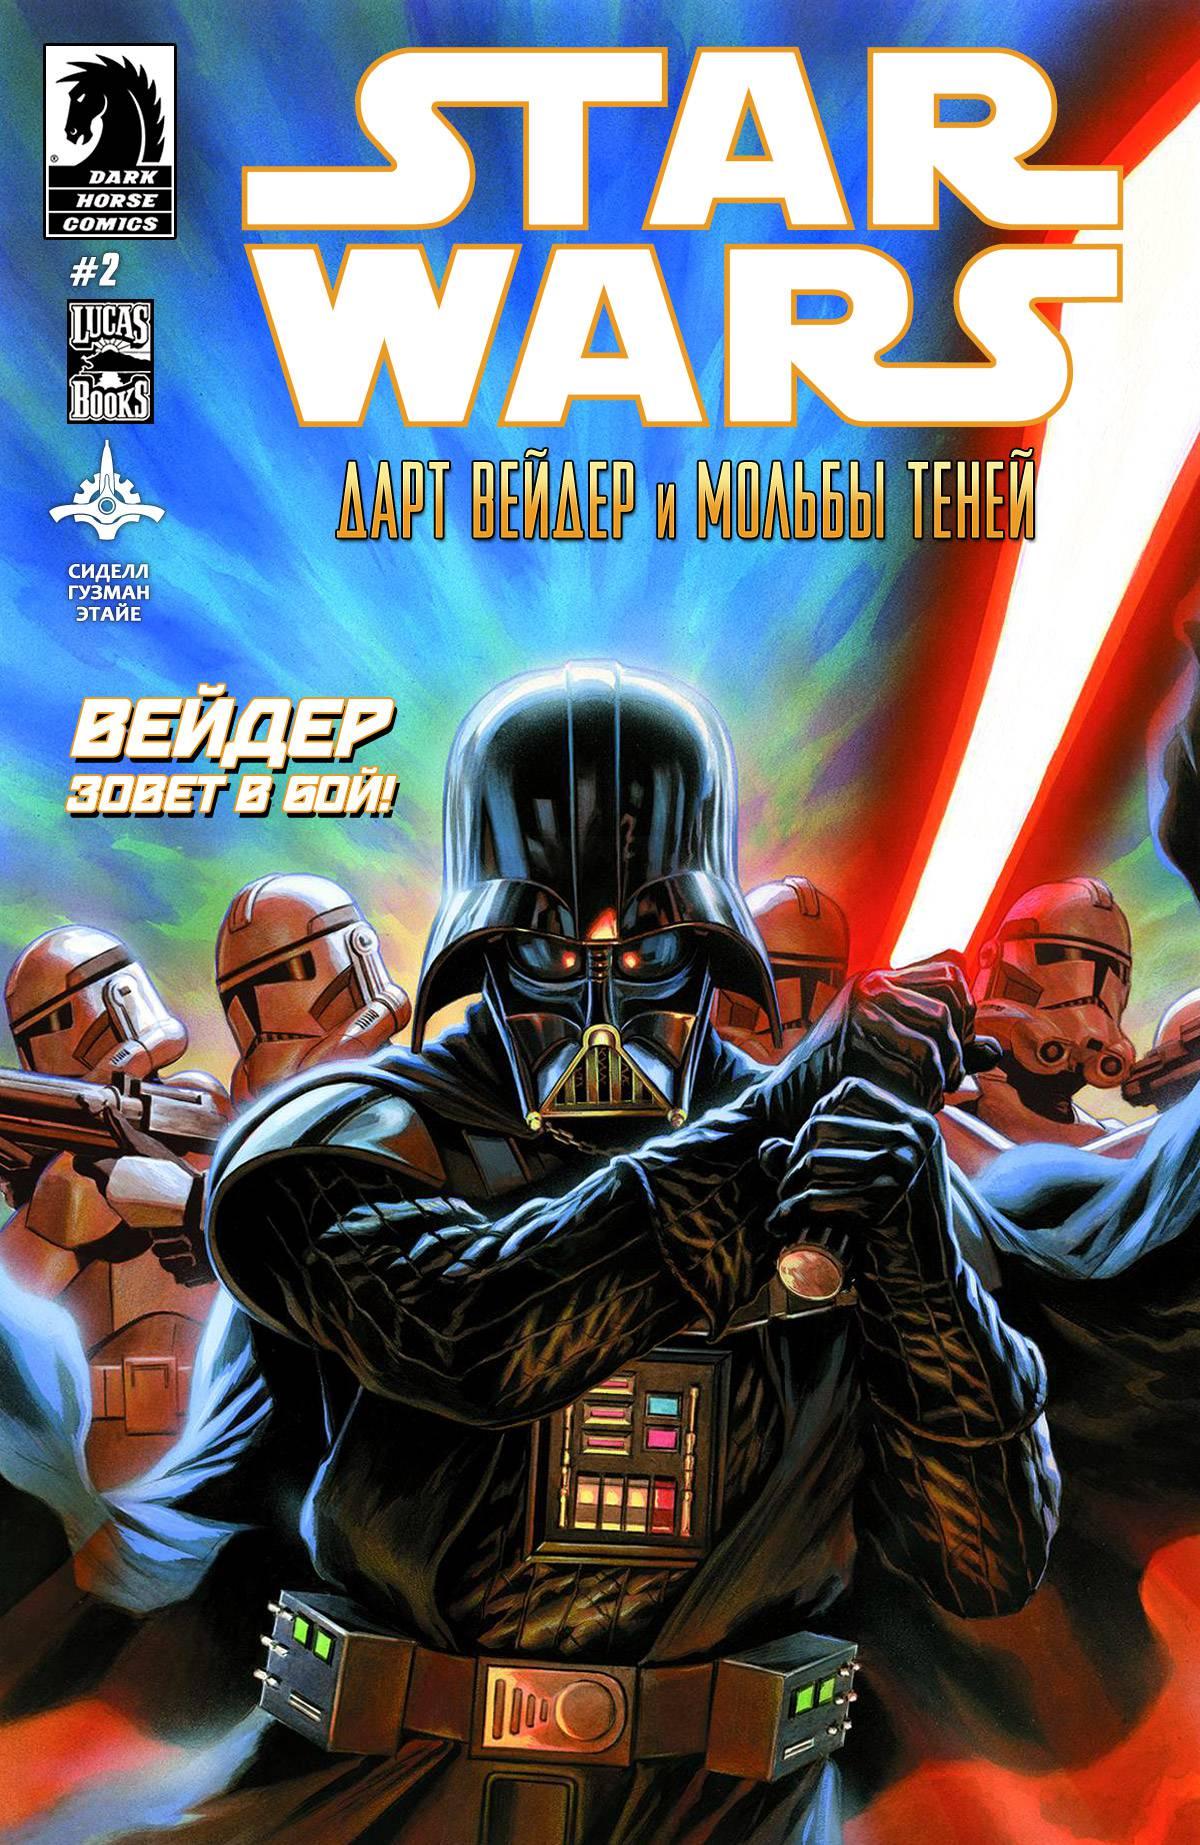 Звёздные войны: Дарт Вейдер и Мольбы Теней №2 онлайн